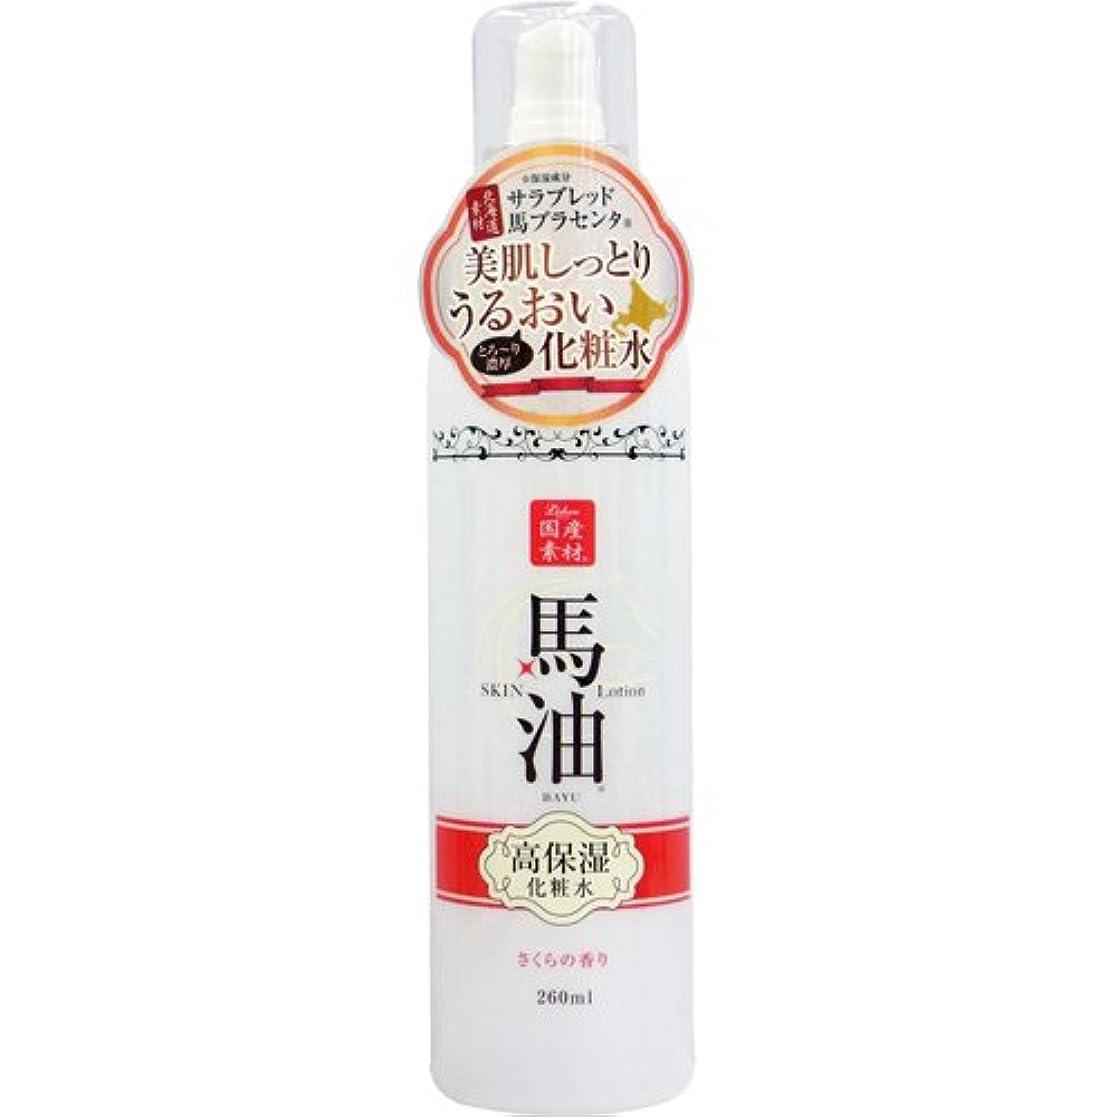 管理する一杯消費者リシャン 馬油化粧水 (さくらの香り) (260mL)